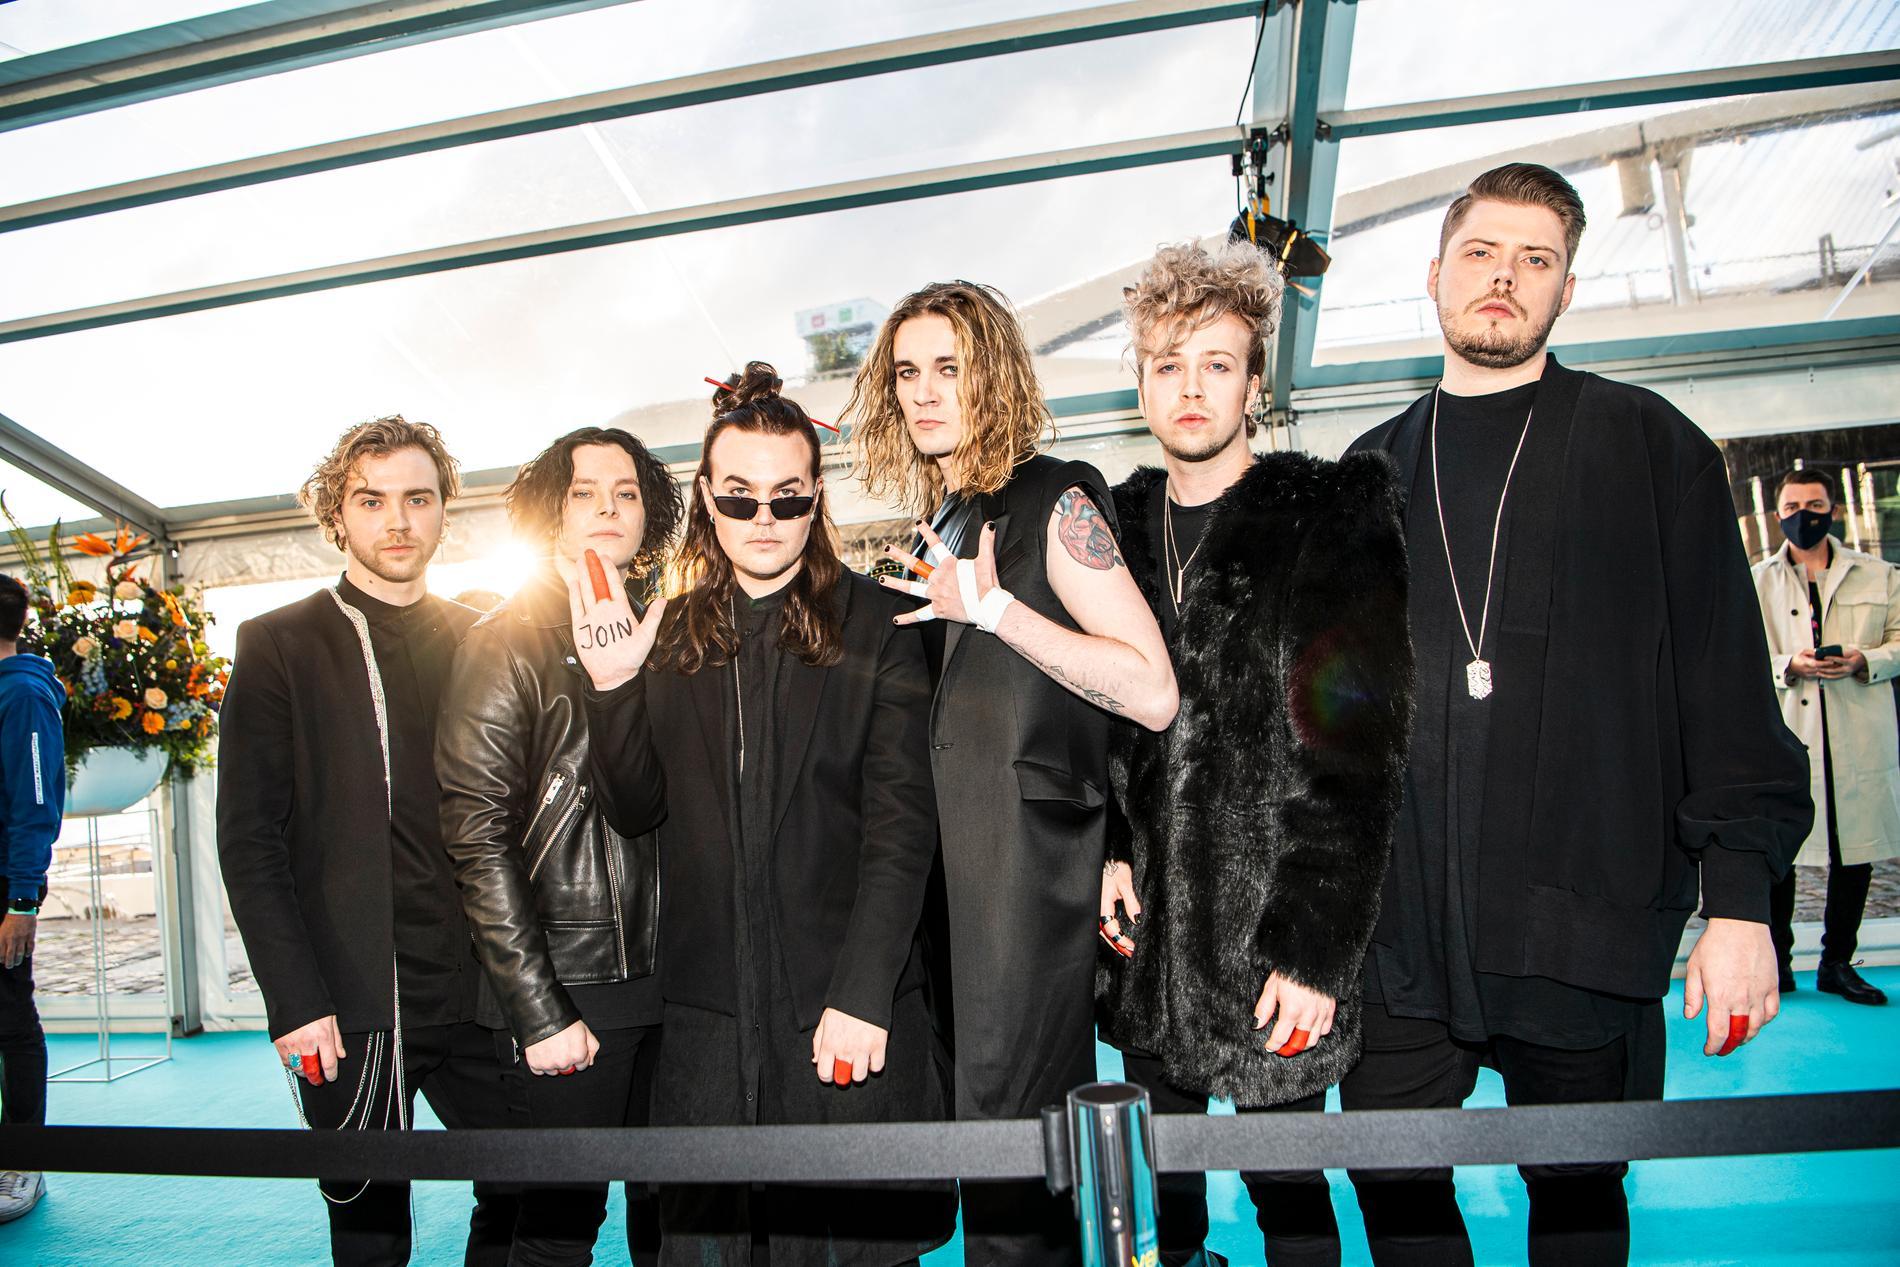 Finska Blind channel har målat sina långfingrar röda eftersom de inte får peka finger på scenen. Sångarna Niko Moilanen och Joel Hokka står i mitten.